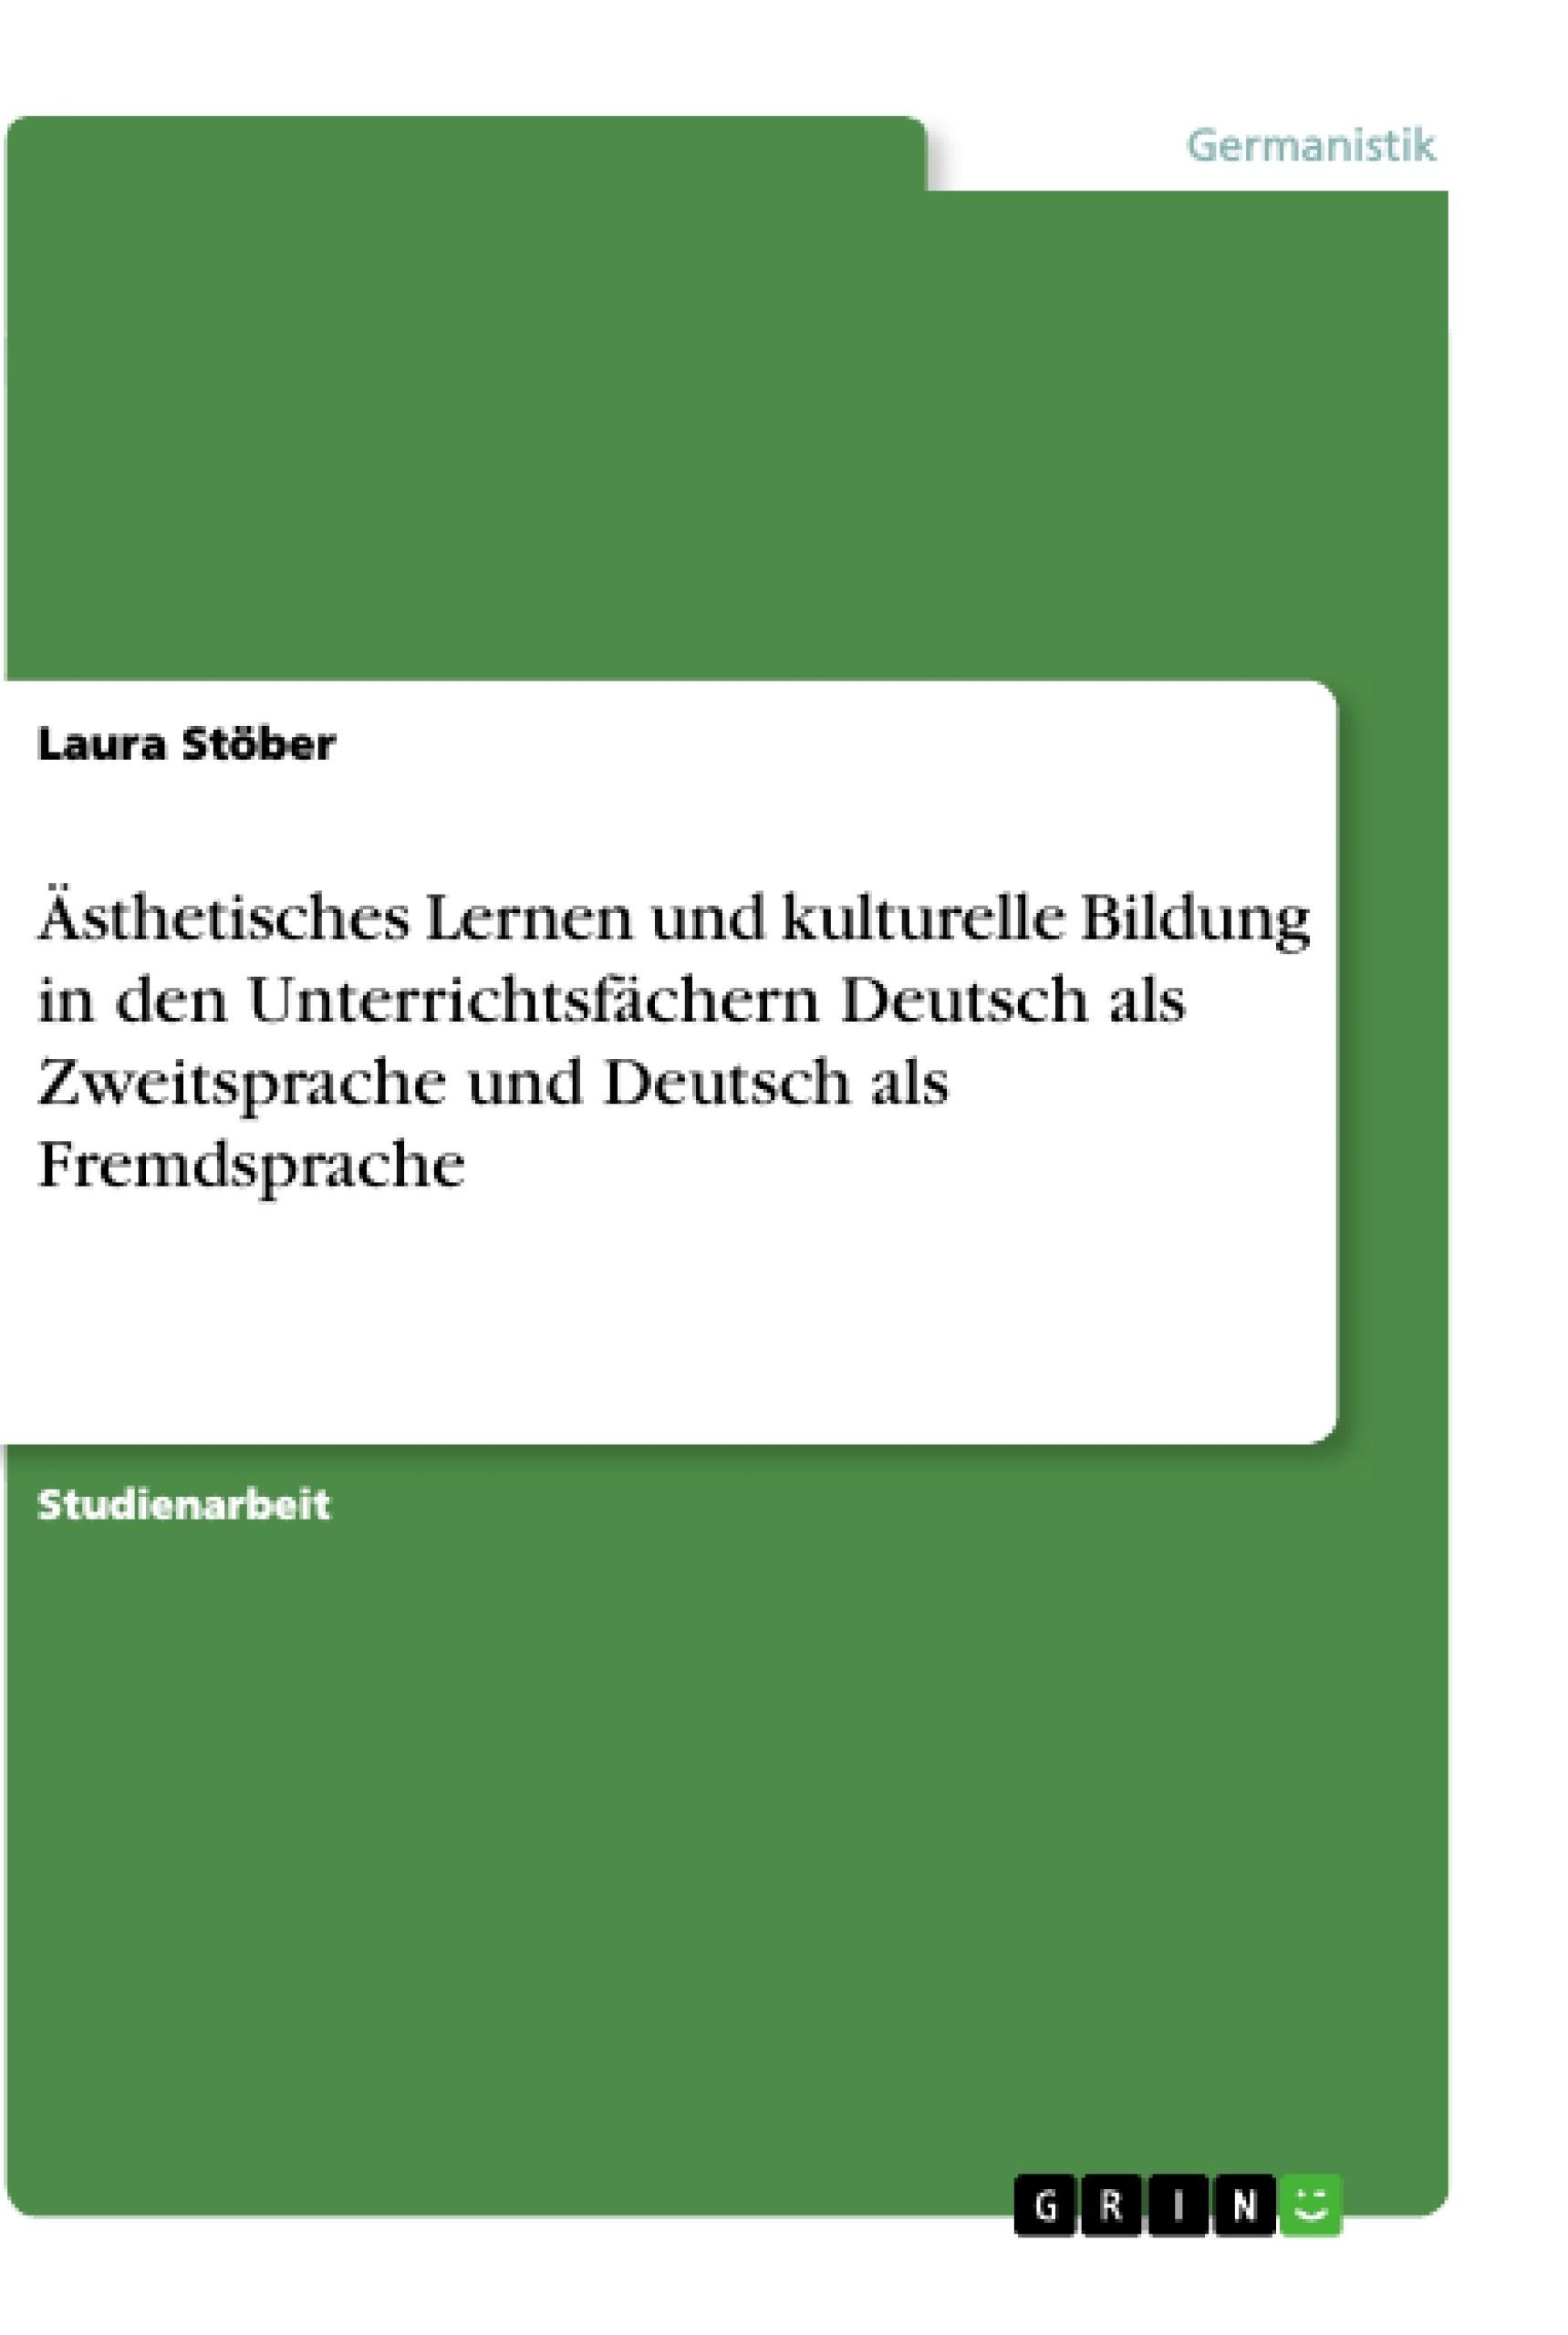 Titel: Ästhetisches Lernen und kulturelle Bildung in den Unterrichtsfächern Deutsch als Zweitsprache und Deutsch als Fremdsprache